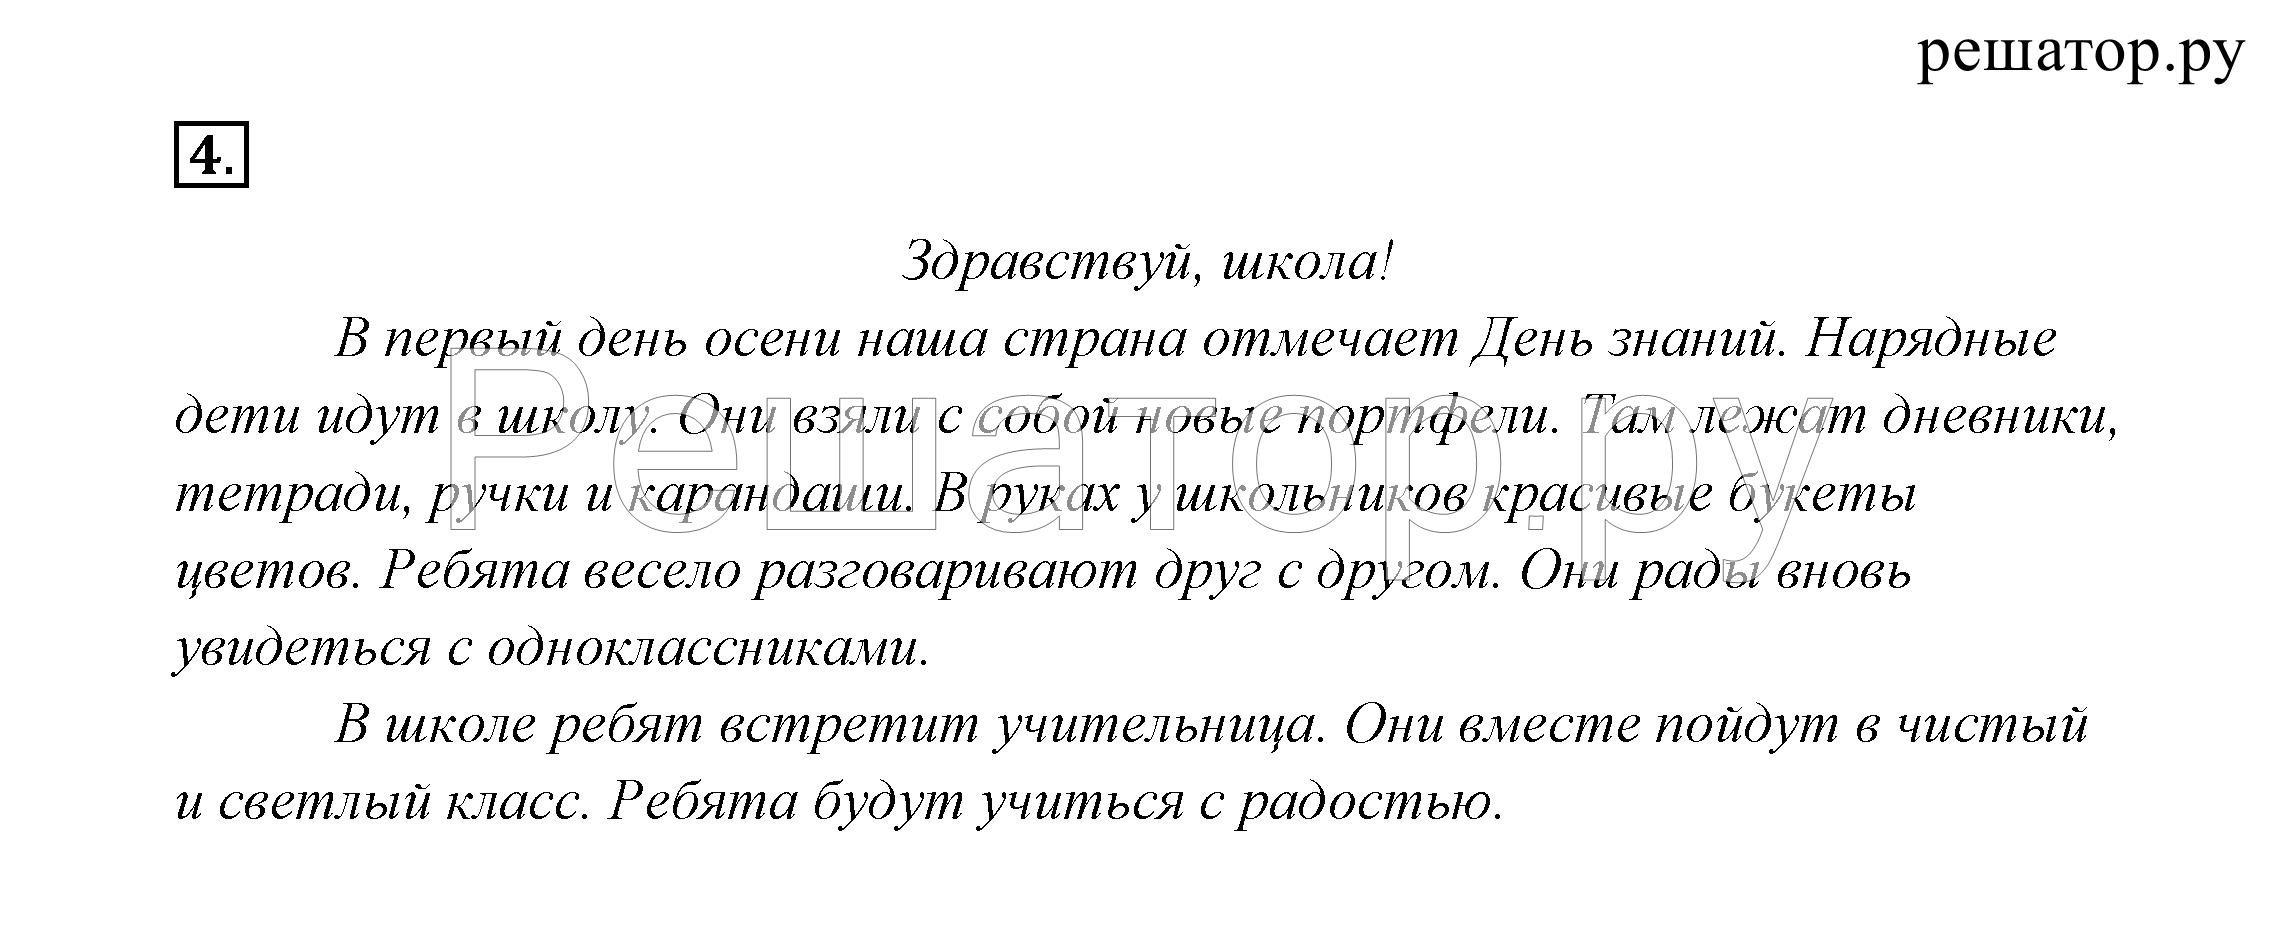 Решебник к учебнику русский язык 3 класс горецкий конакина онлайн